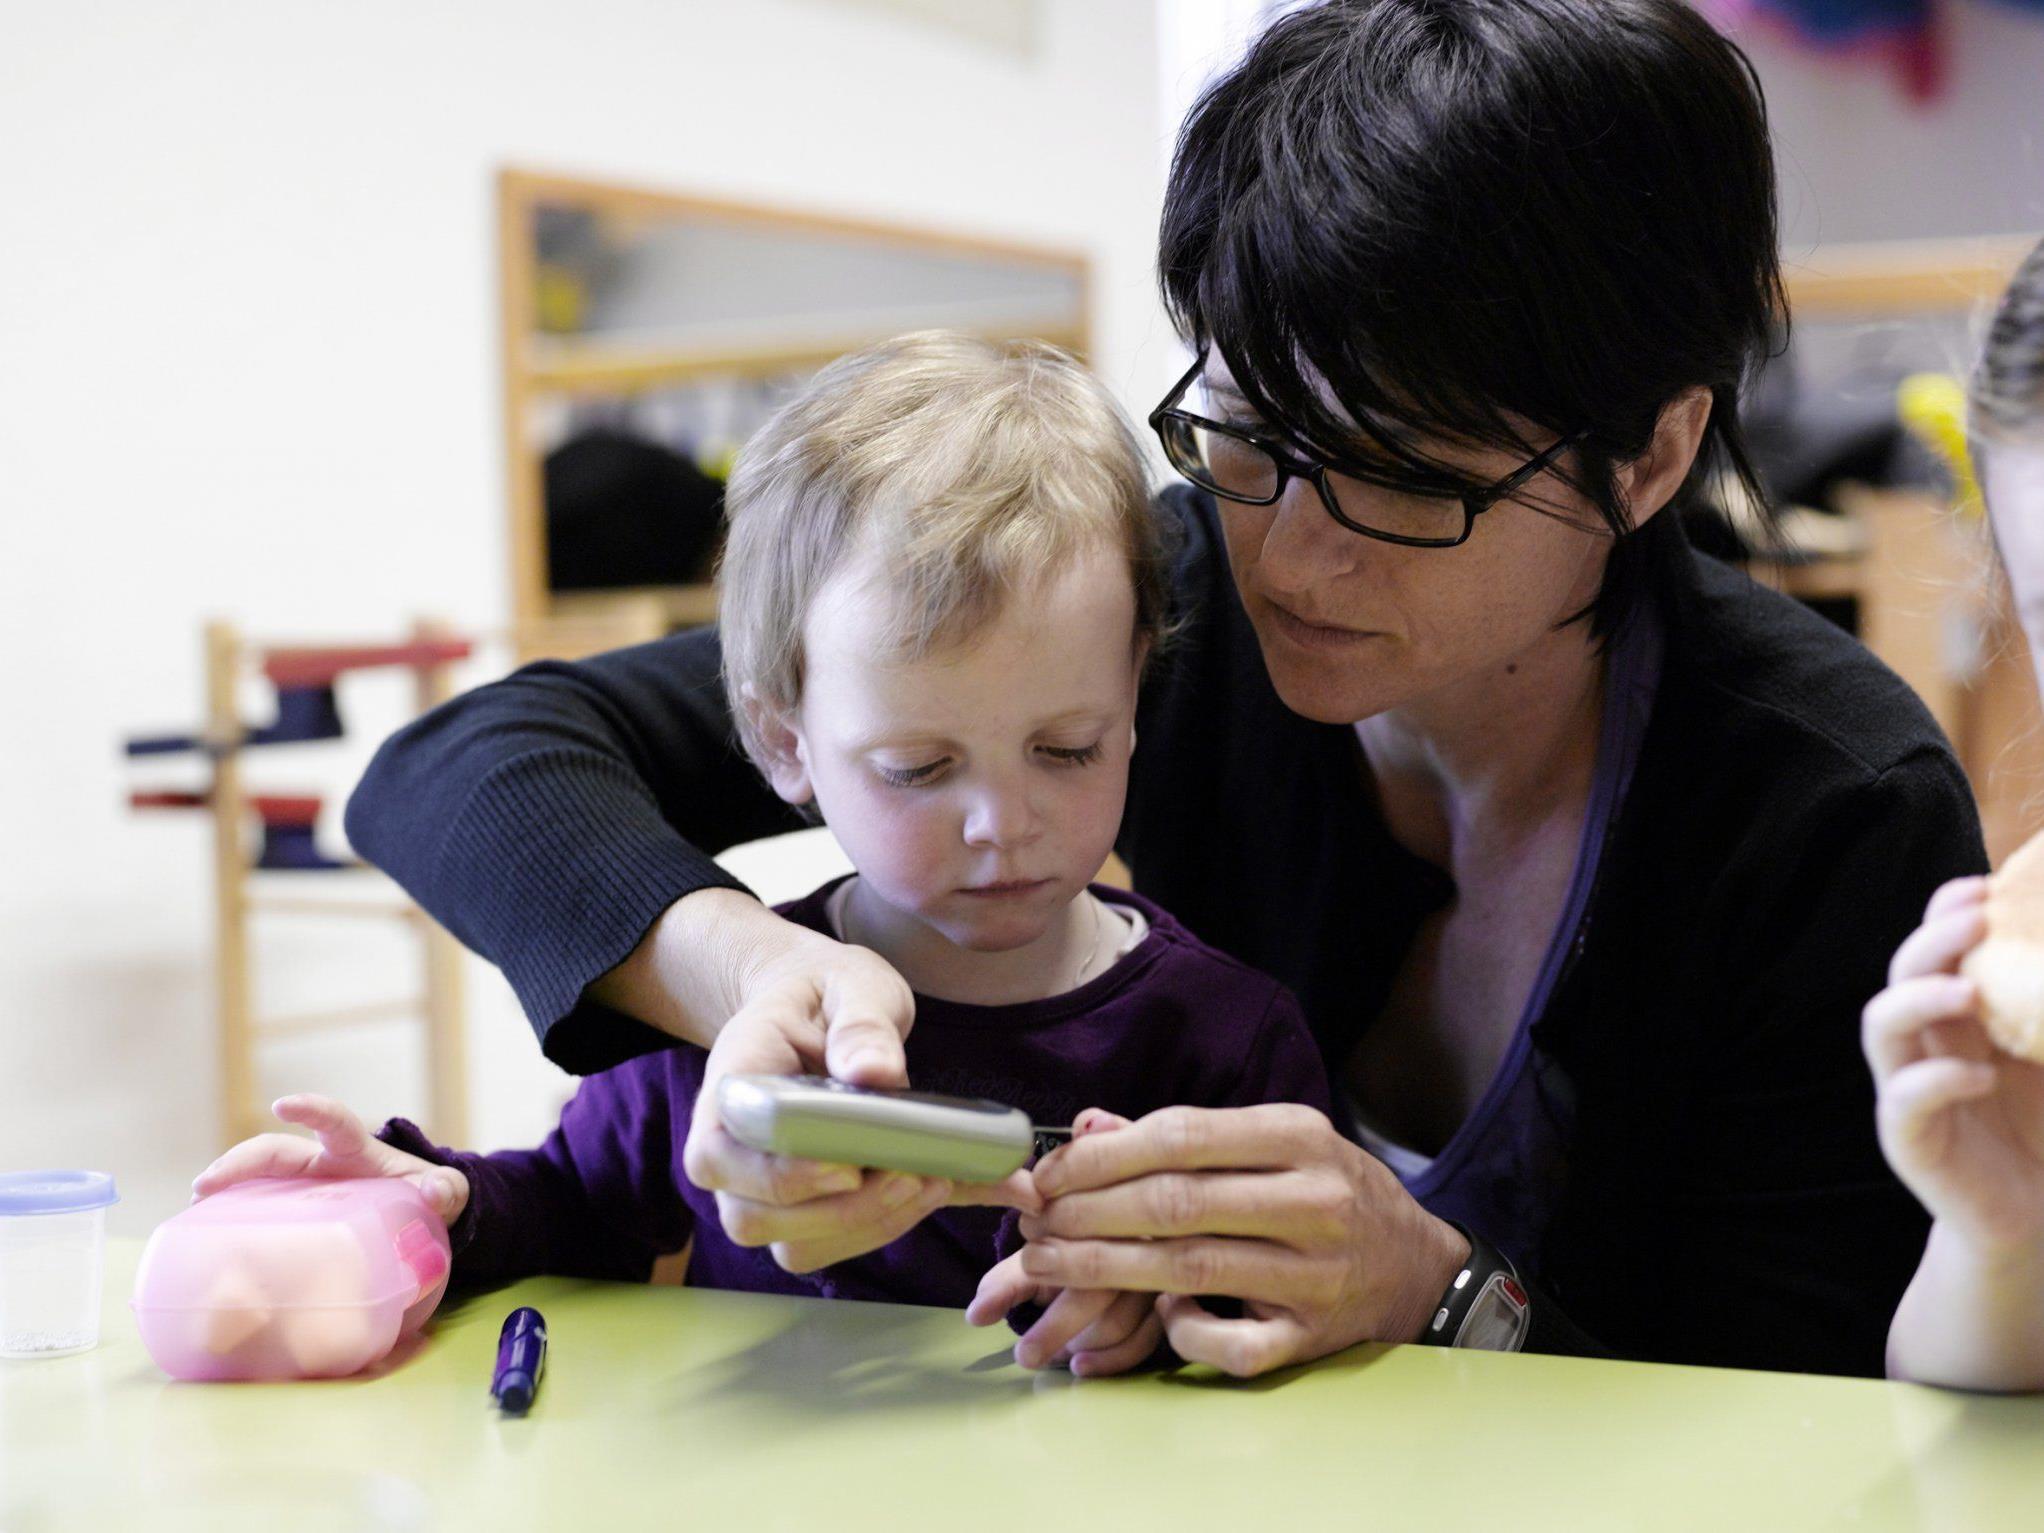 Die Mobile Krankenpflege bietet bestmögliche Betreuung für kranke Kinder.